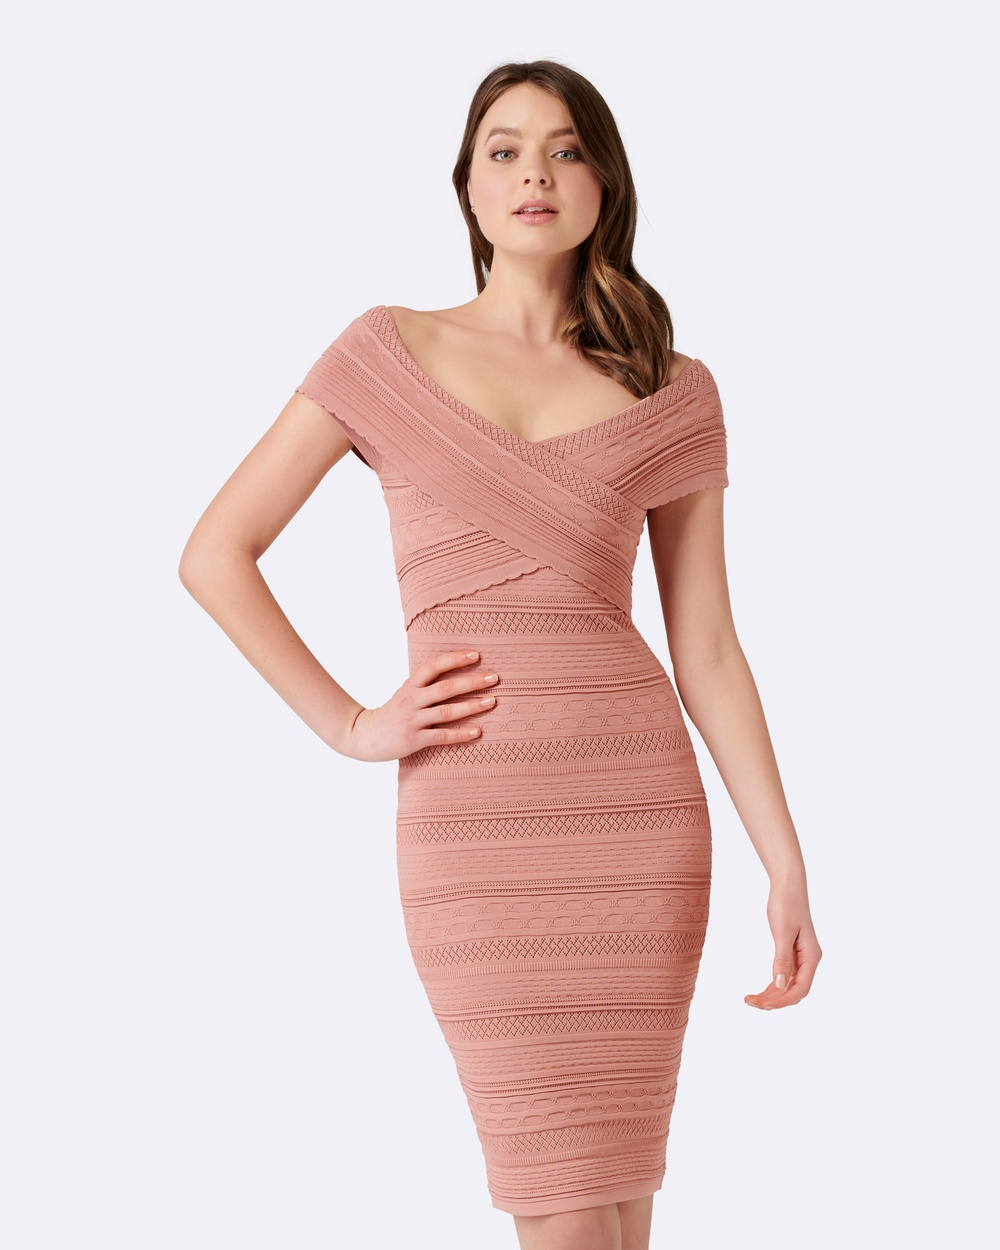 Forever New Koko Cross Front Bardot Dress Bridesmaid Dresses Baked Pink Koko Cross Front Bardot Dress